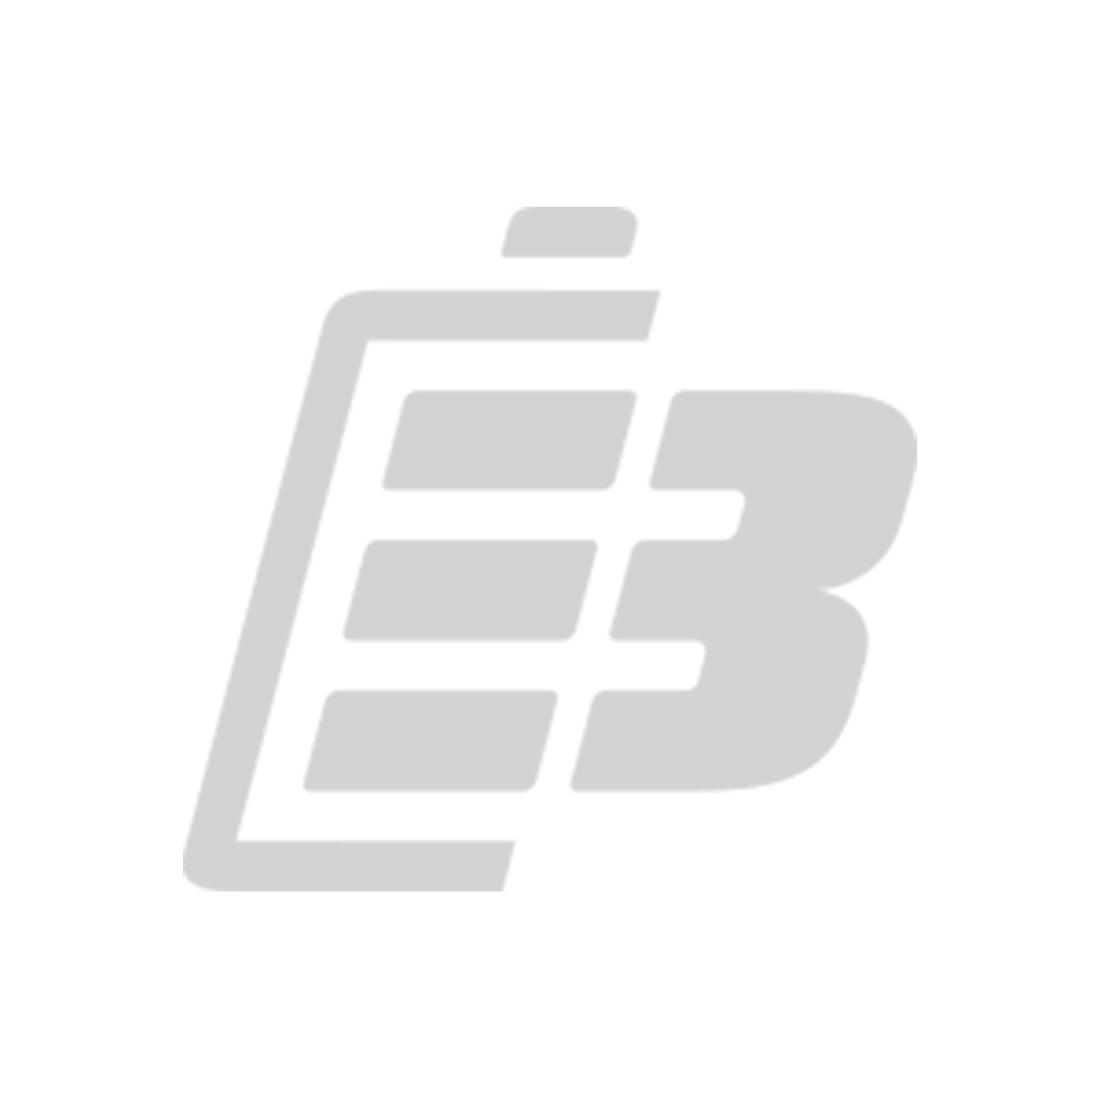 Digital measuring device battery Fluke Scopemeter 199_1